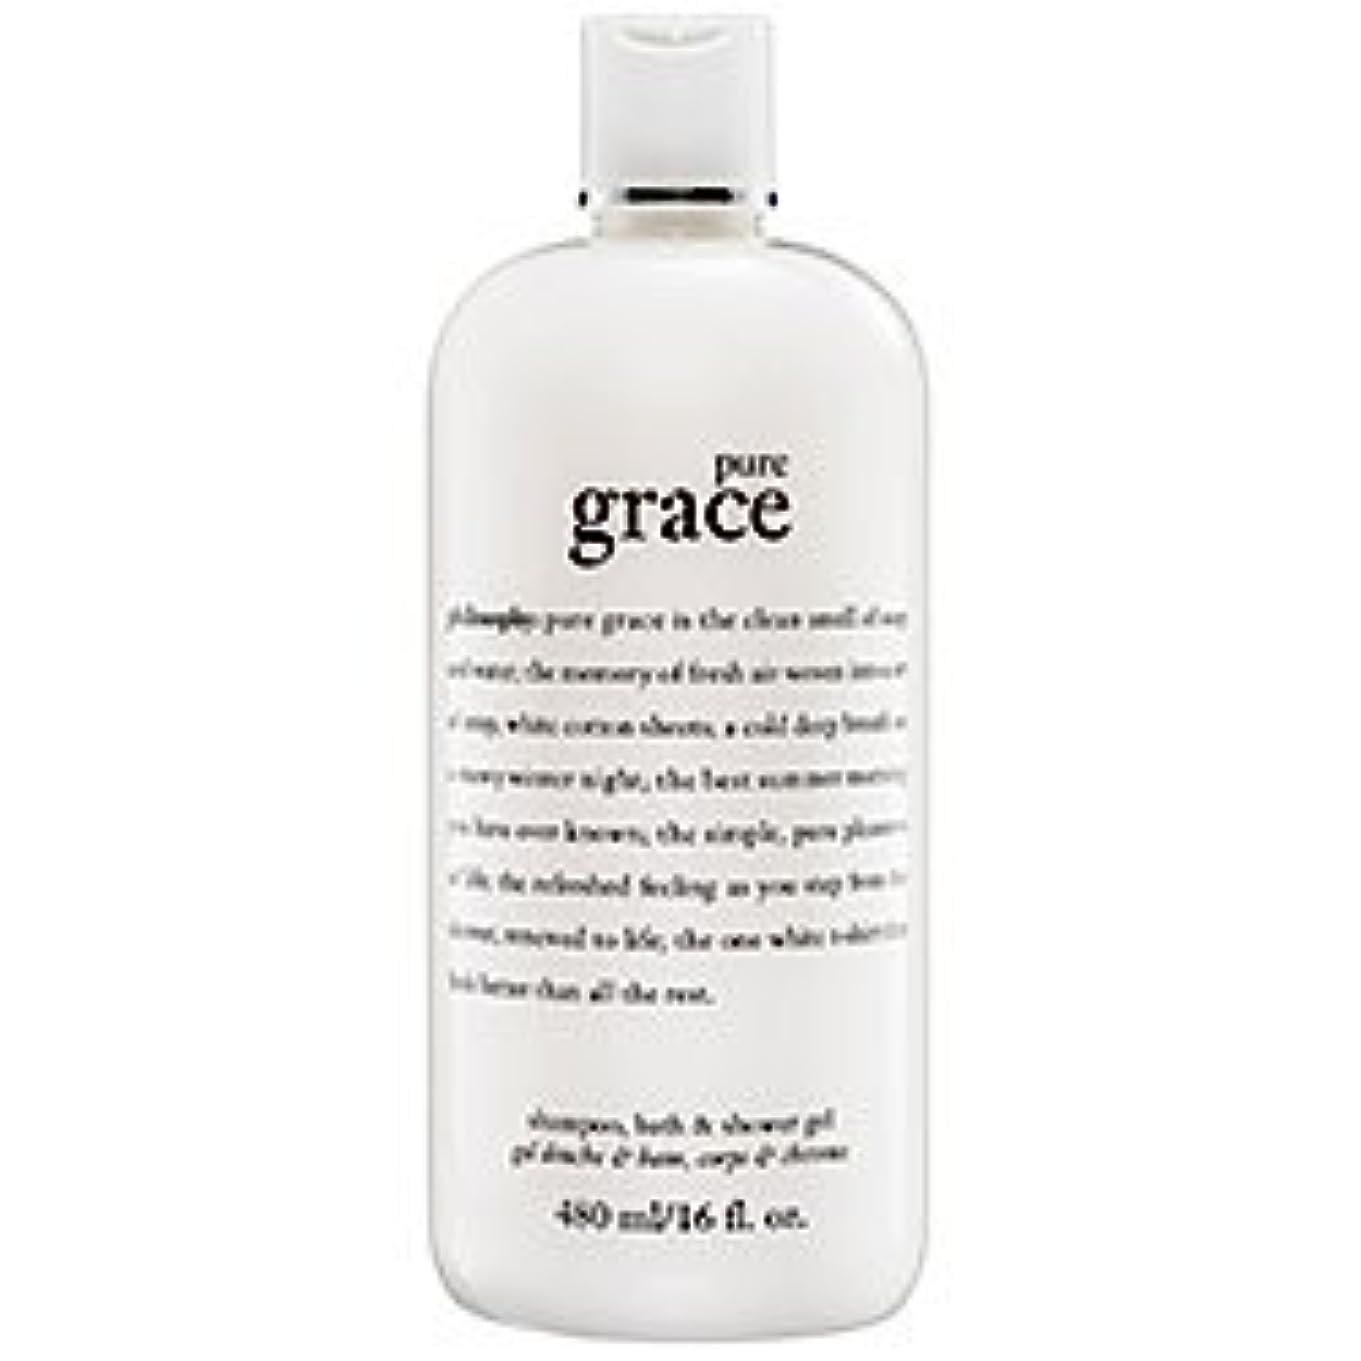 操る霊配偶者pure grace (ピュアグレイス ) 16.0 oz (480ml) foaming bath and shower gel for Women